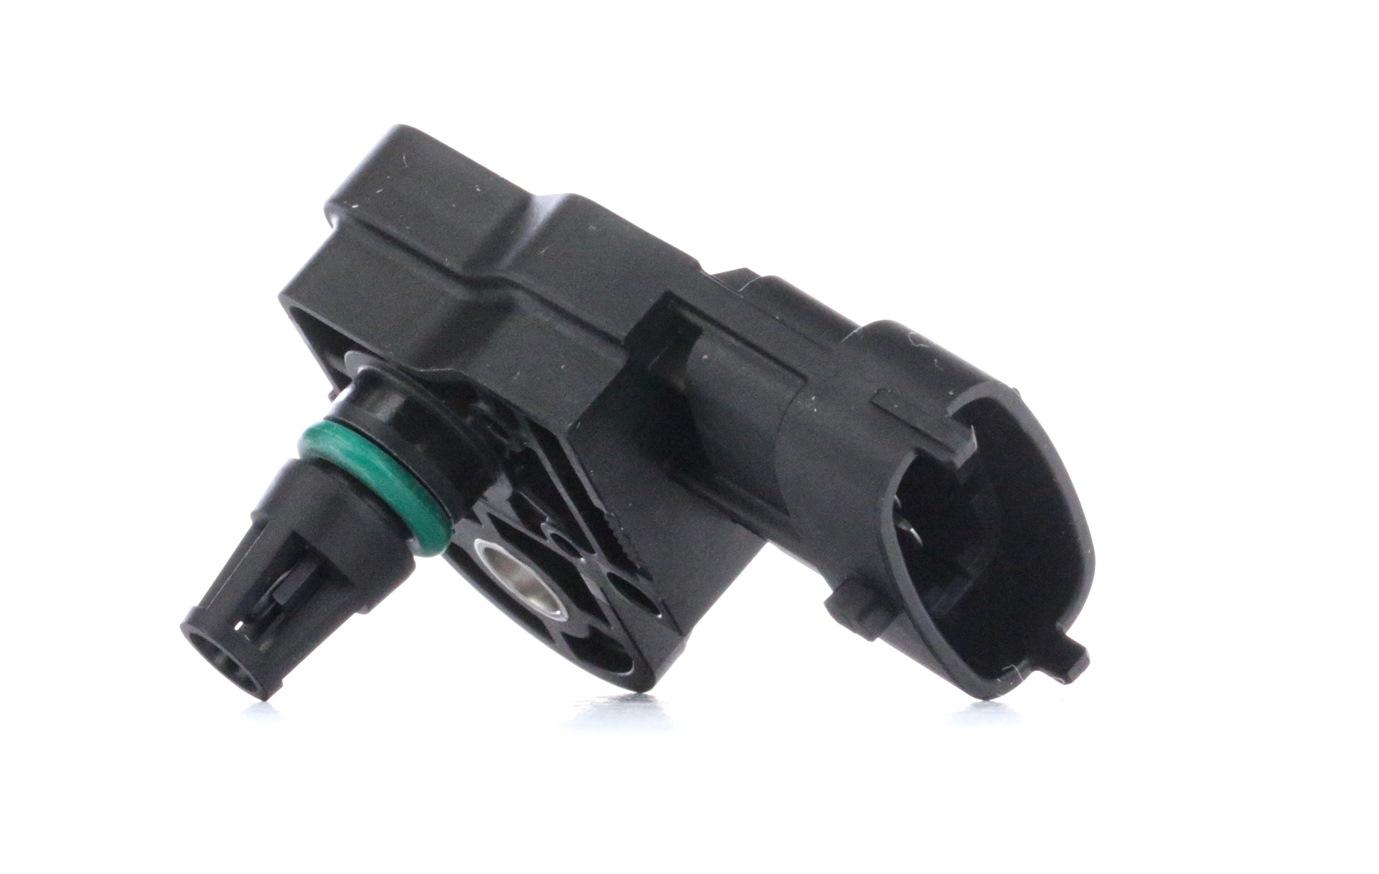 Reservdelar OPEL MOKKA 2013: Sensor, laddtryck BOSCH 0 281 006 076 till rabatterat pris — köp nu!